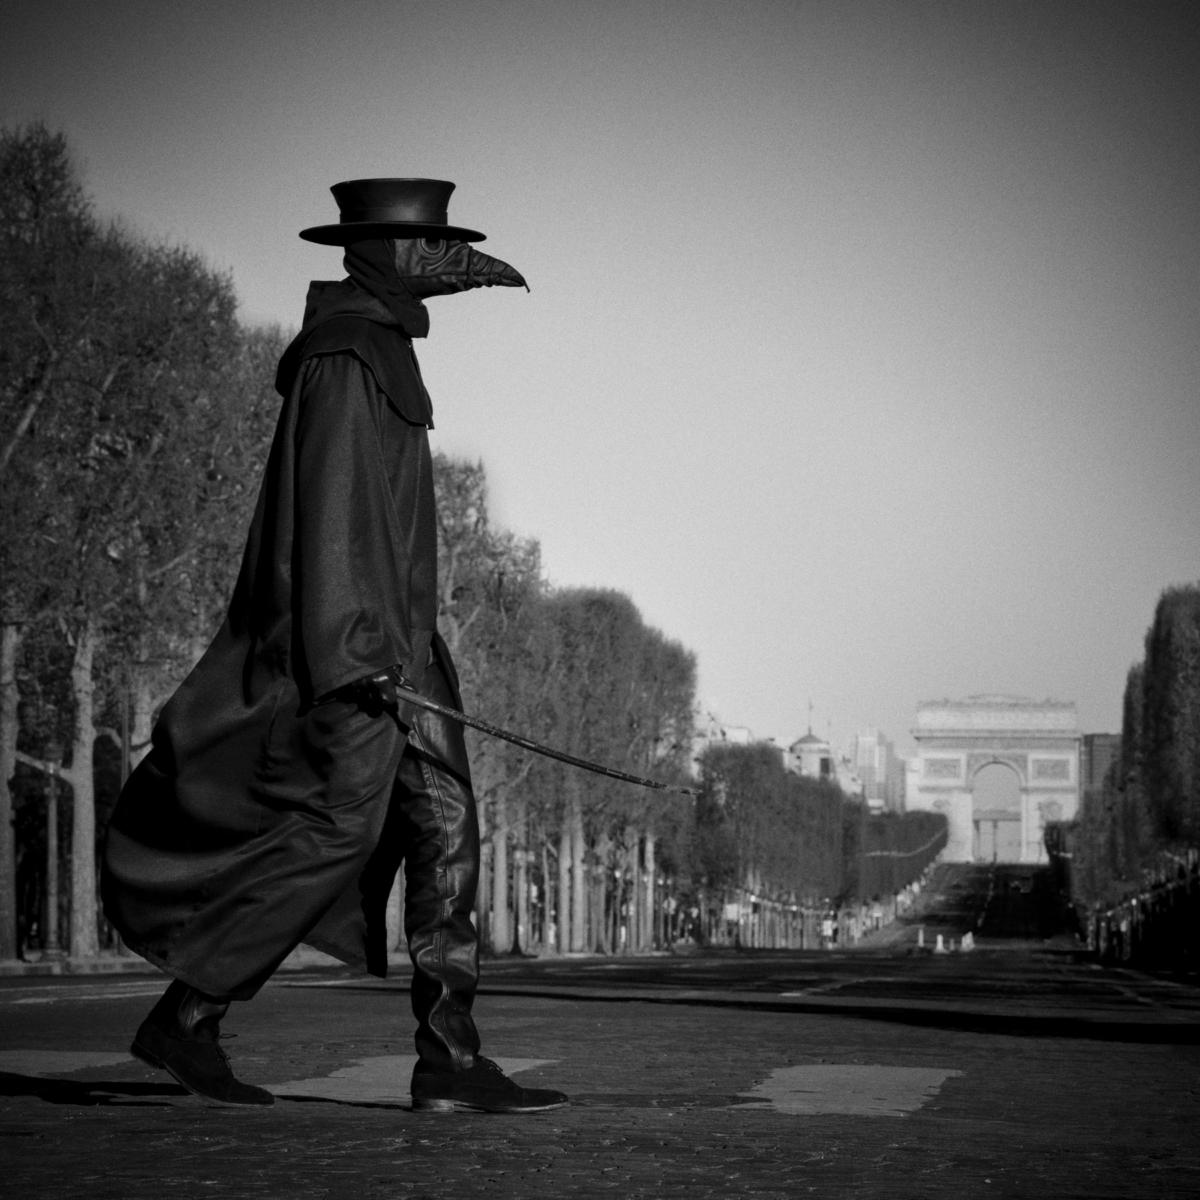 Champs Elysées, Paris, mars 2020 Fine Art print sur papier Hahnemühle 25 x 25 cm, SG-DP05 ©Stephan Gladieu